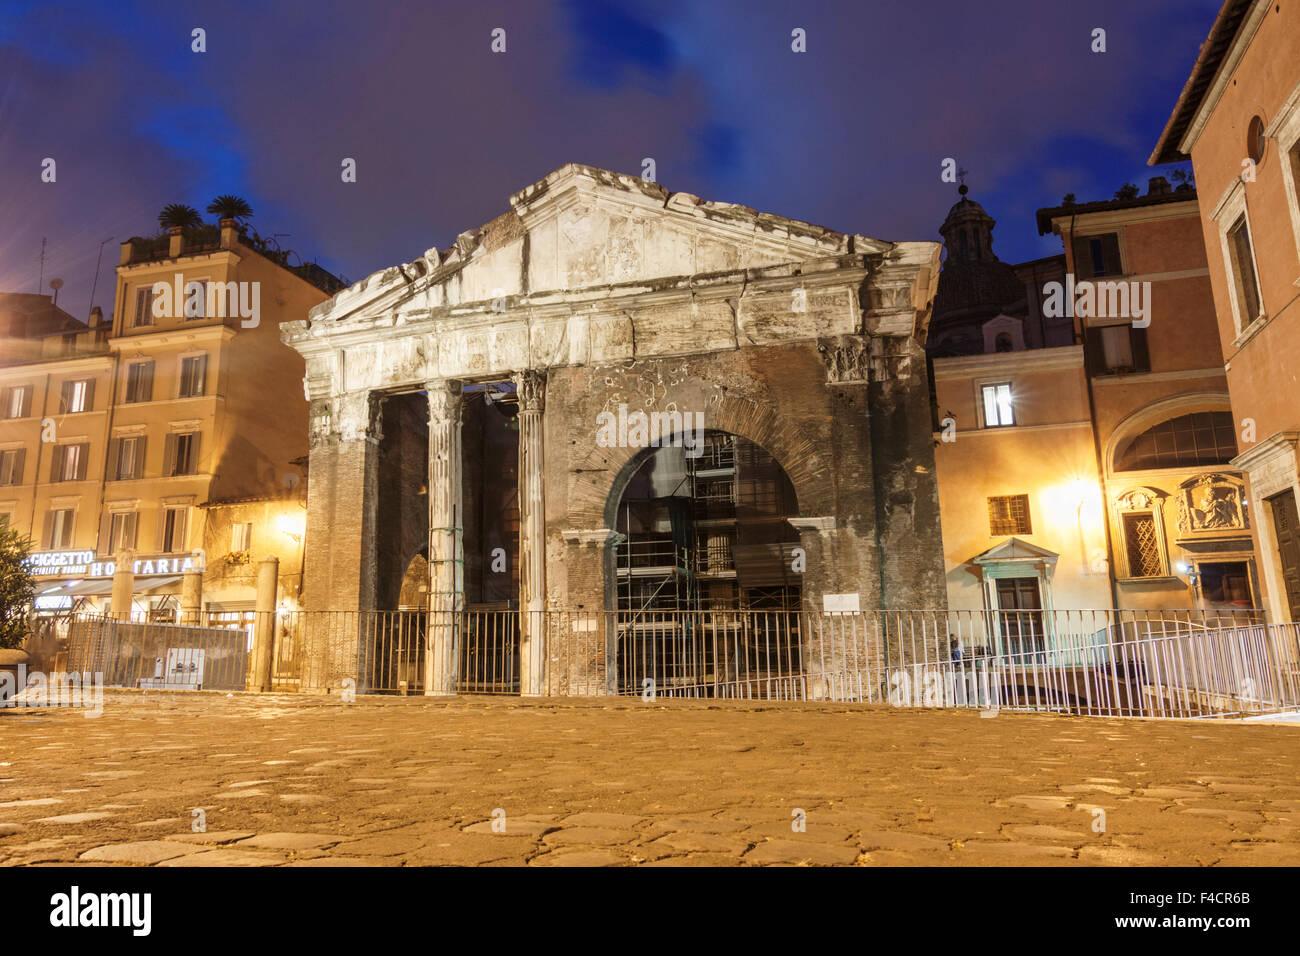 Il Portico Di Sam octavia stock photos & octavia stock images - alamy